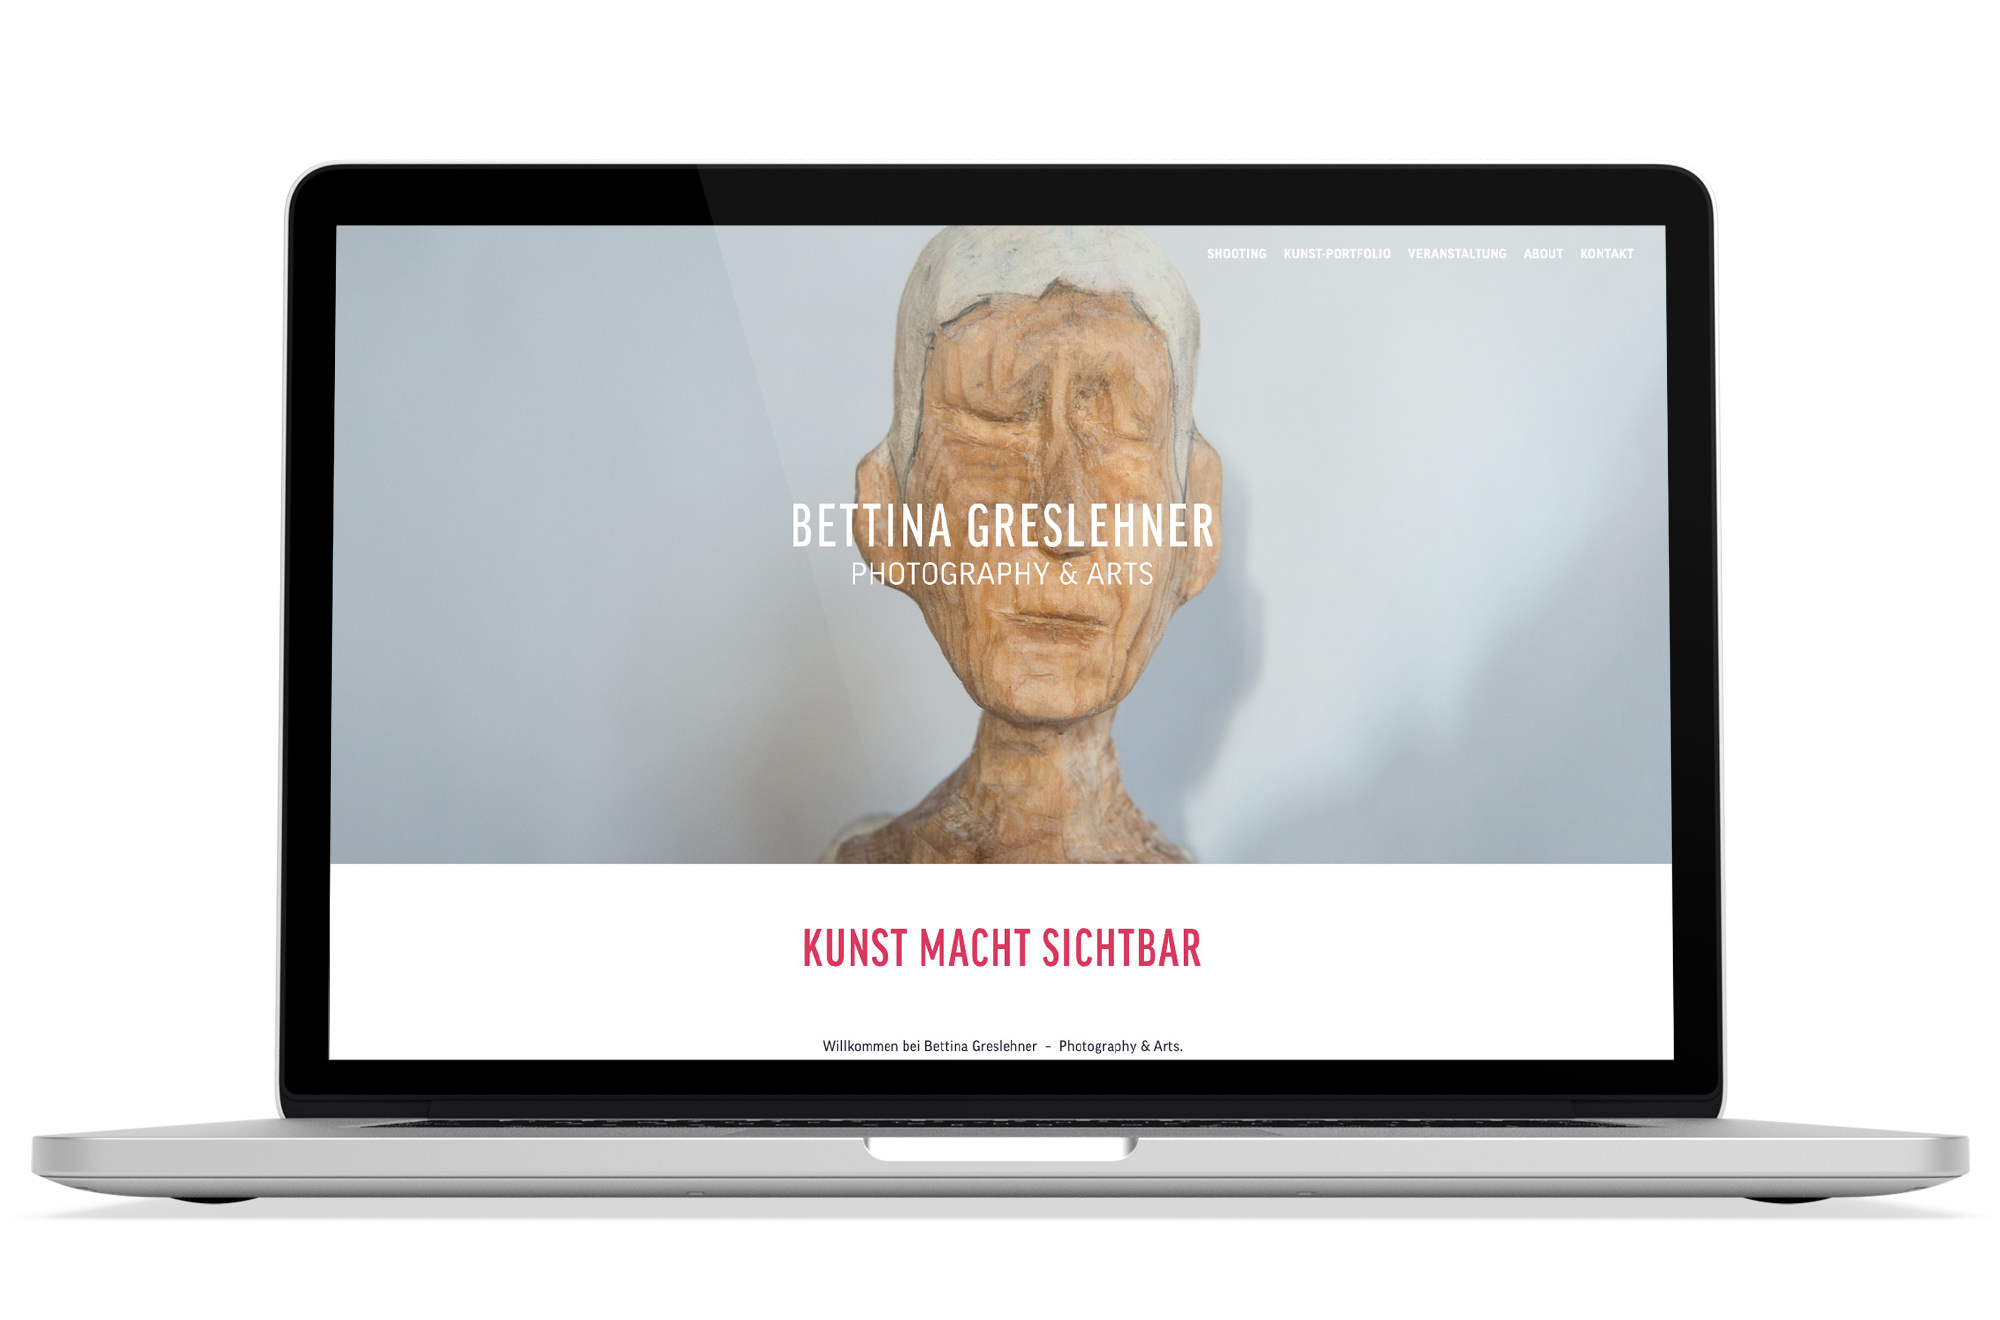 Webdesign Beispiel: Logodesign, Webdesign für Fotografin / Künstlerin